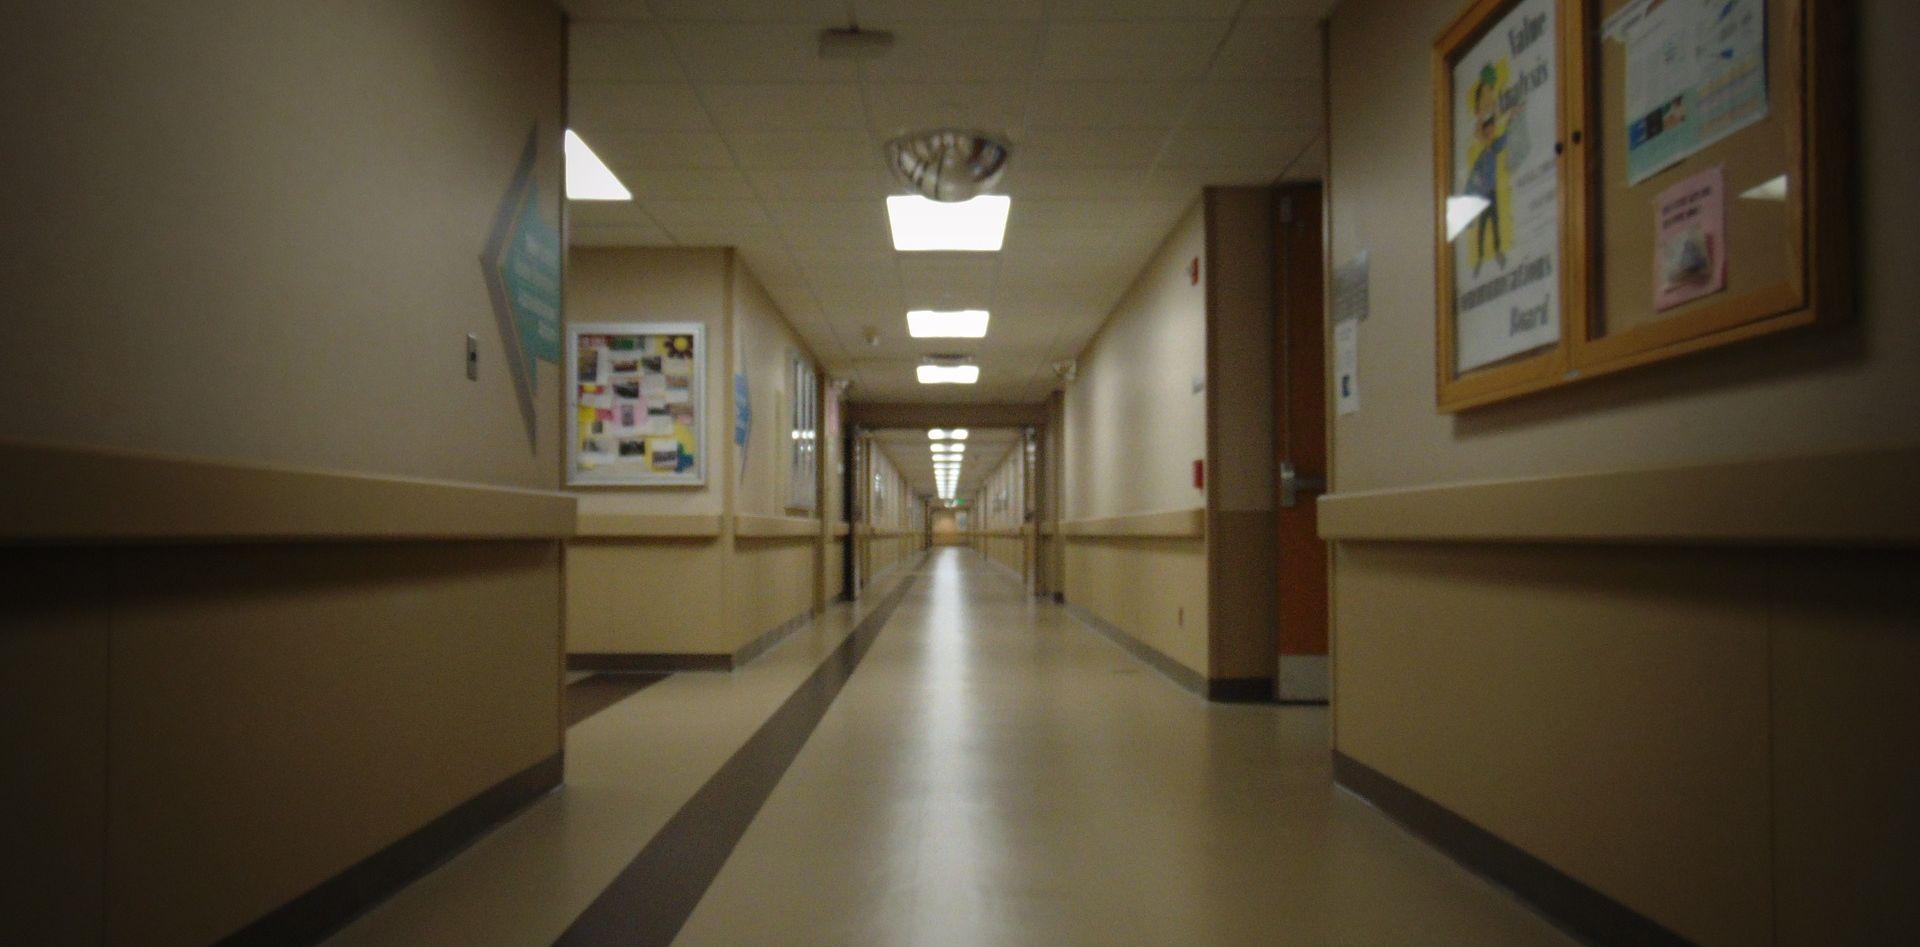 BURNI PROSVJEDI U bolnici u Indiji u dva tjedna umrlo 61 dijete